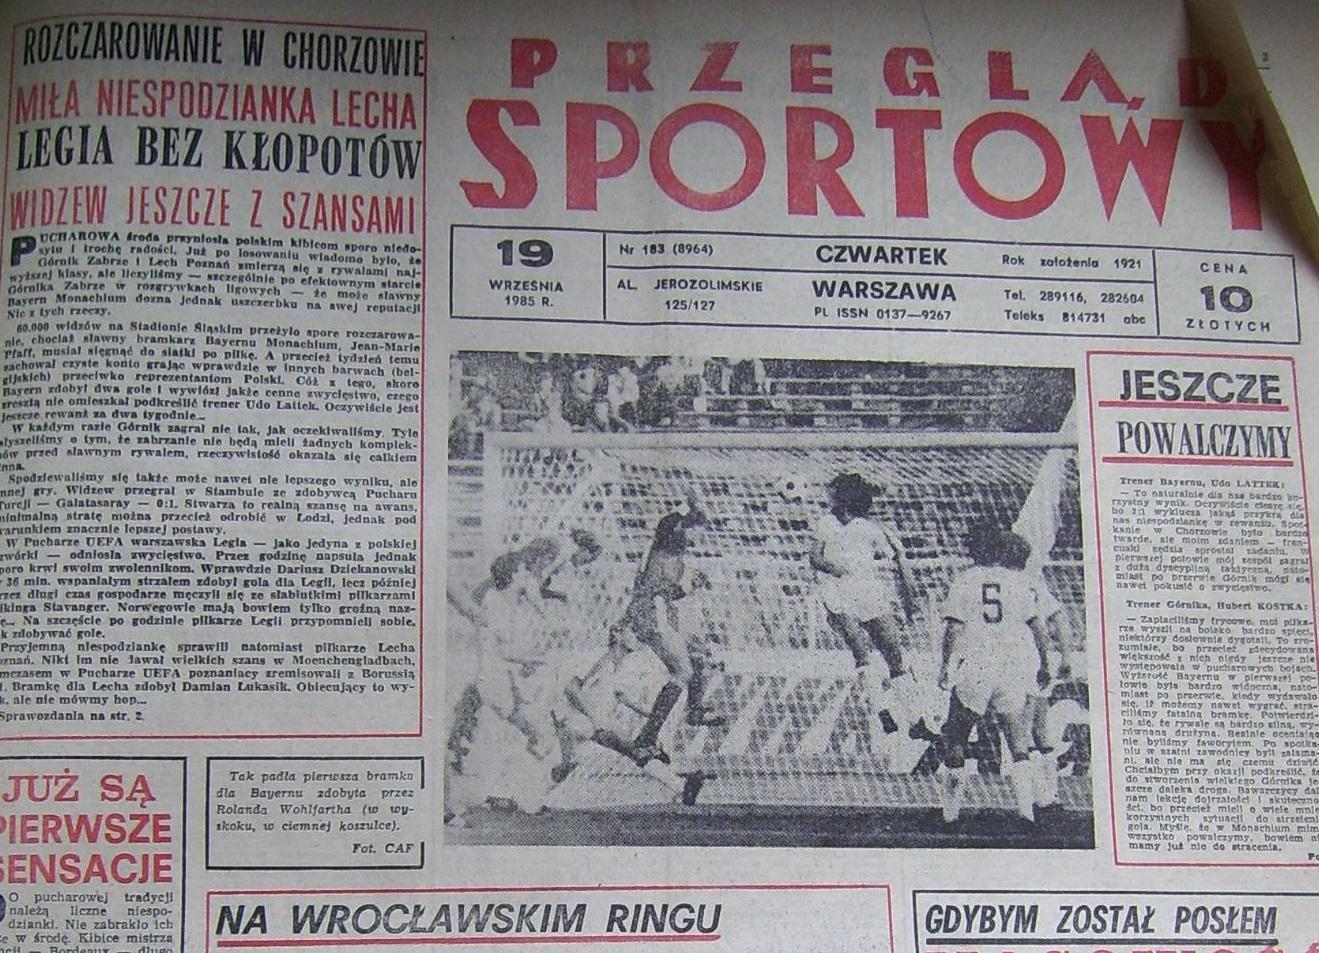 Przegląd Sportowy po Górnik Zabrze – Bayern Monachium 1:2 (18.09.1985) 1